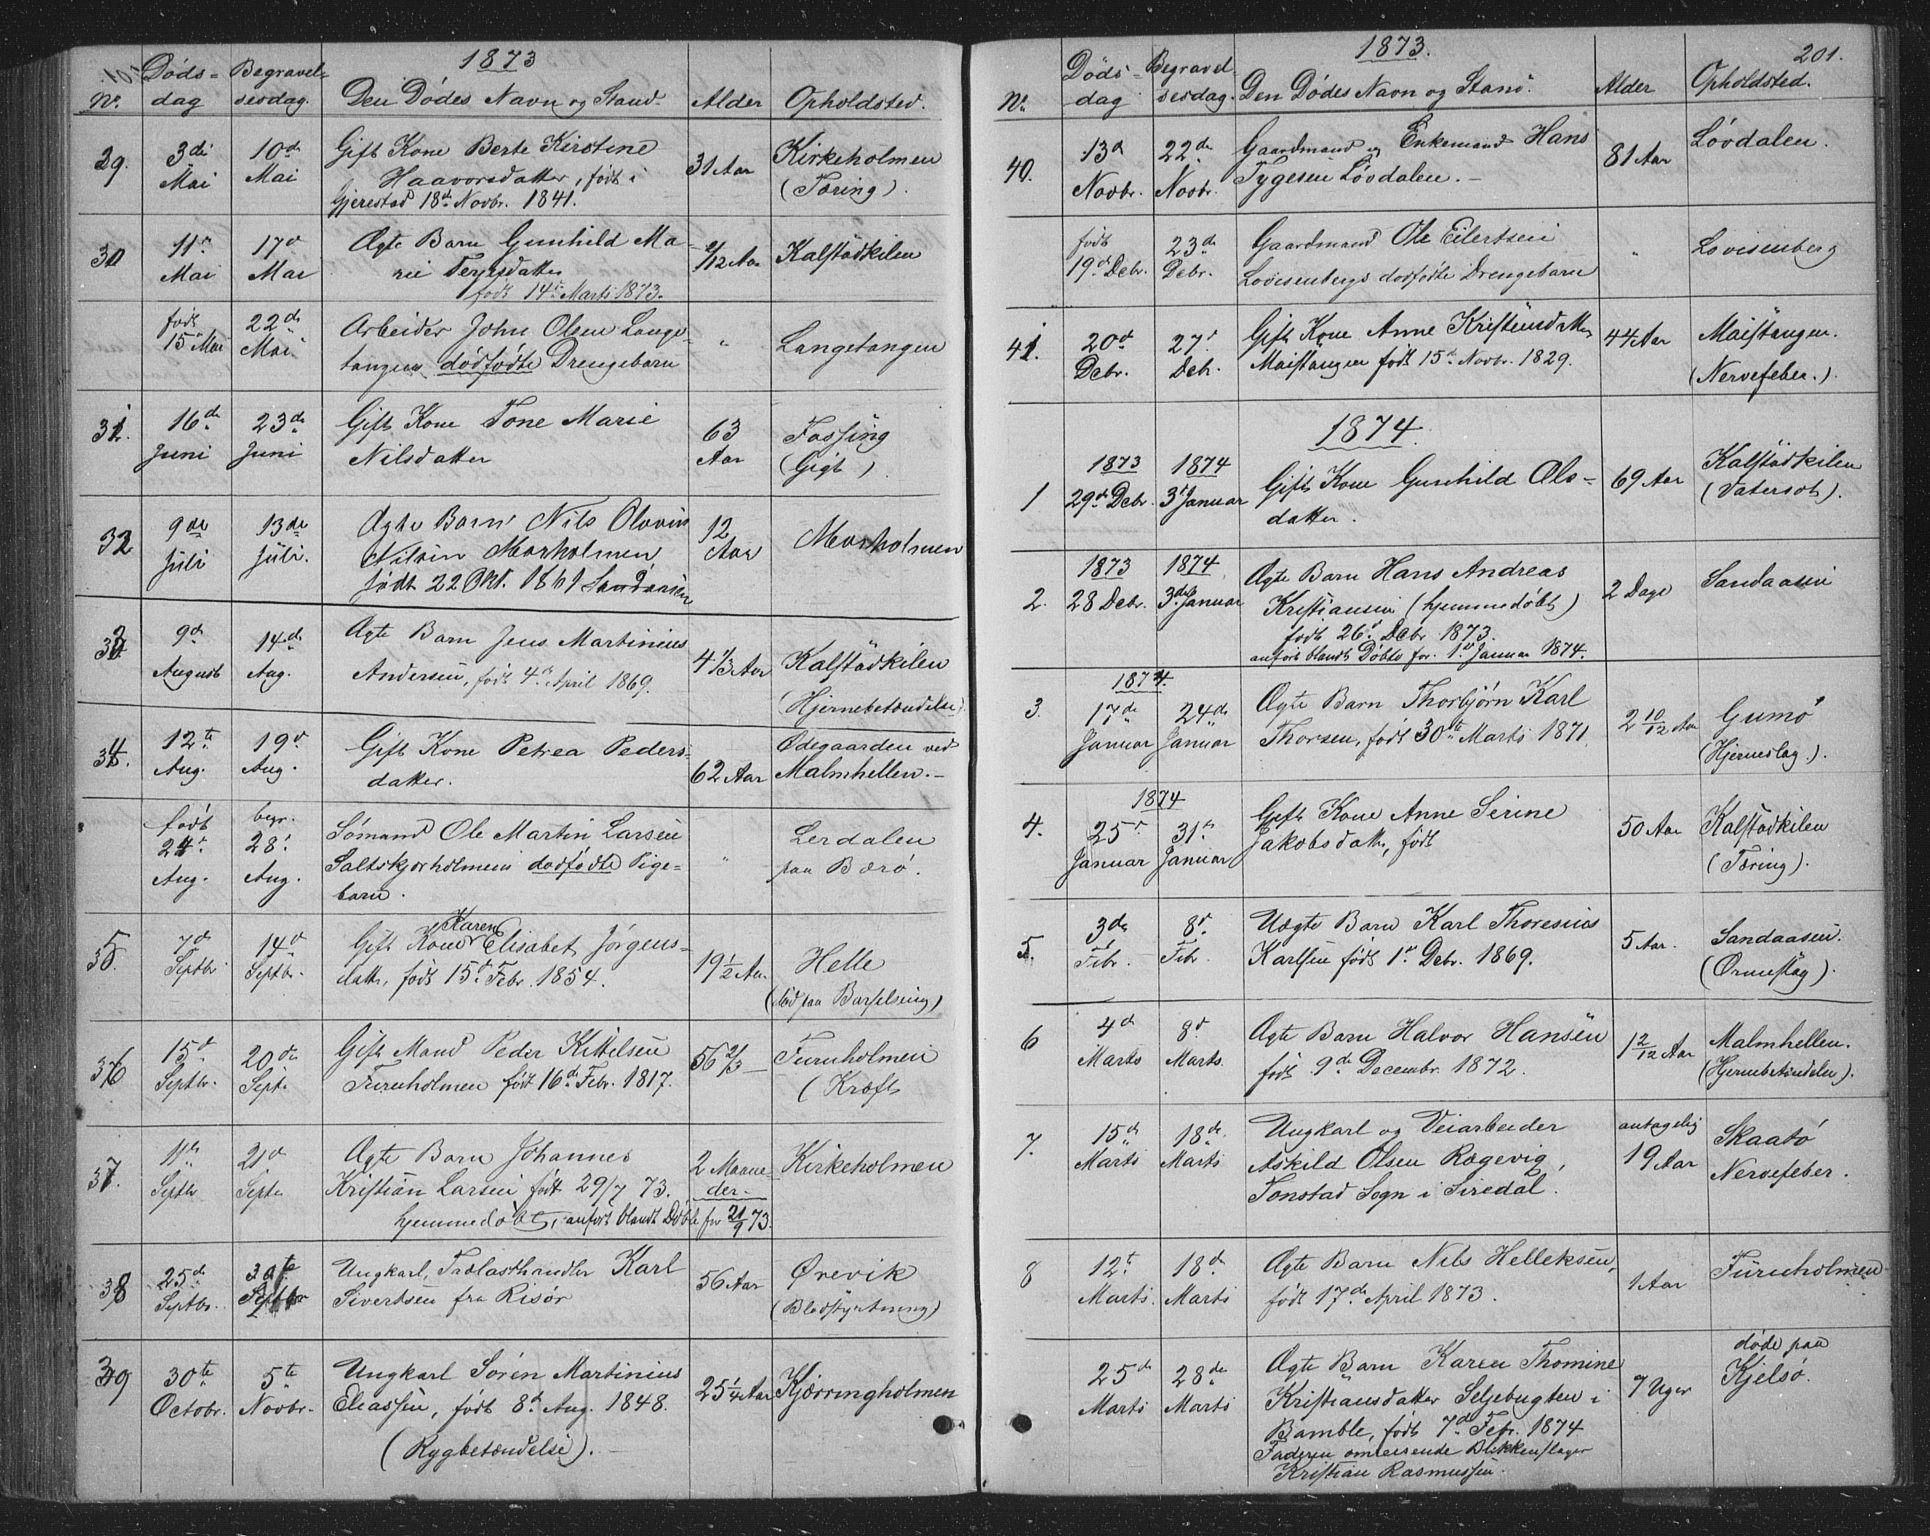 SAKO, Skåtøy kirkebøker, G/Ga/L0002: Klokkerbok nr. I 2, 1872-1884, s. 201